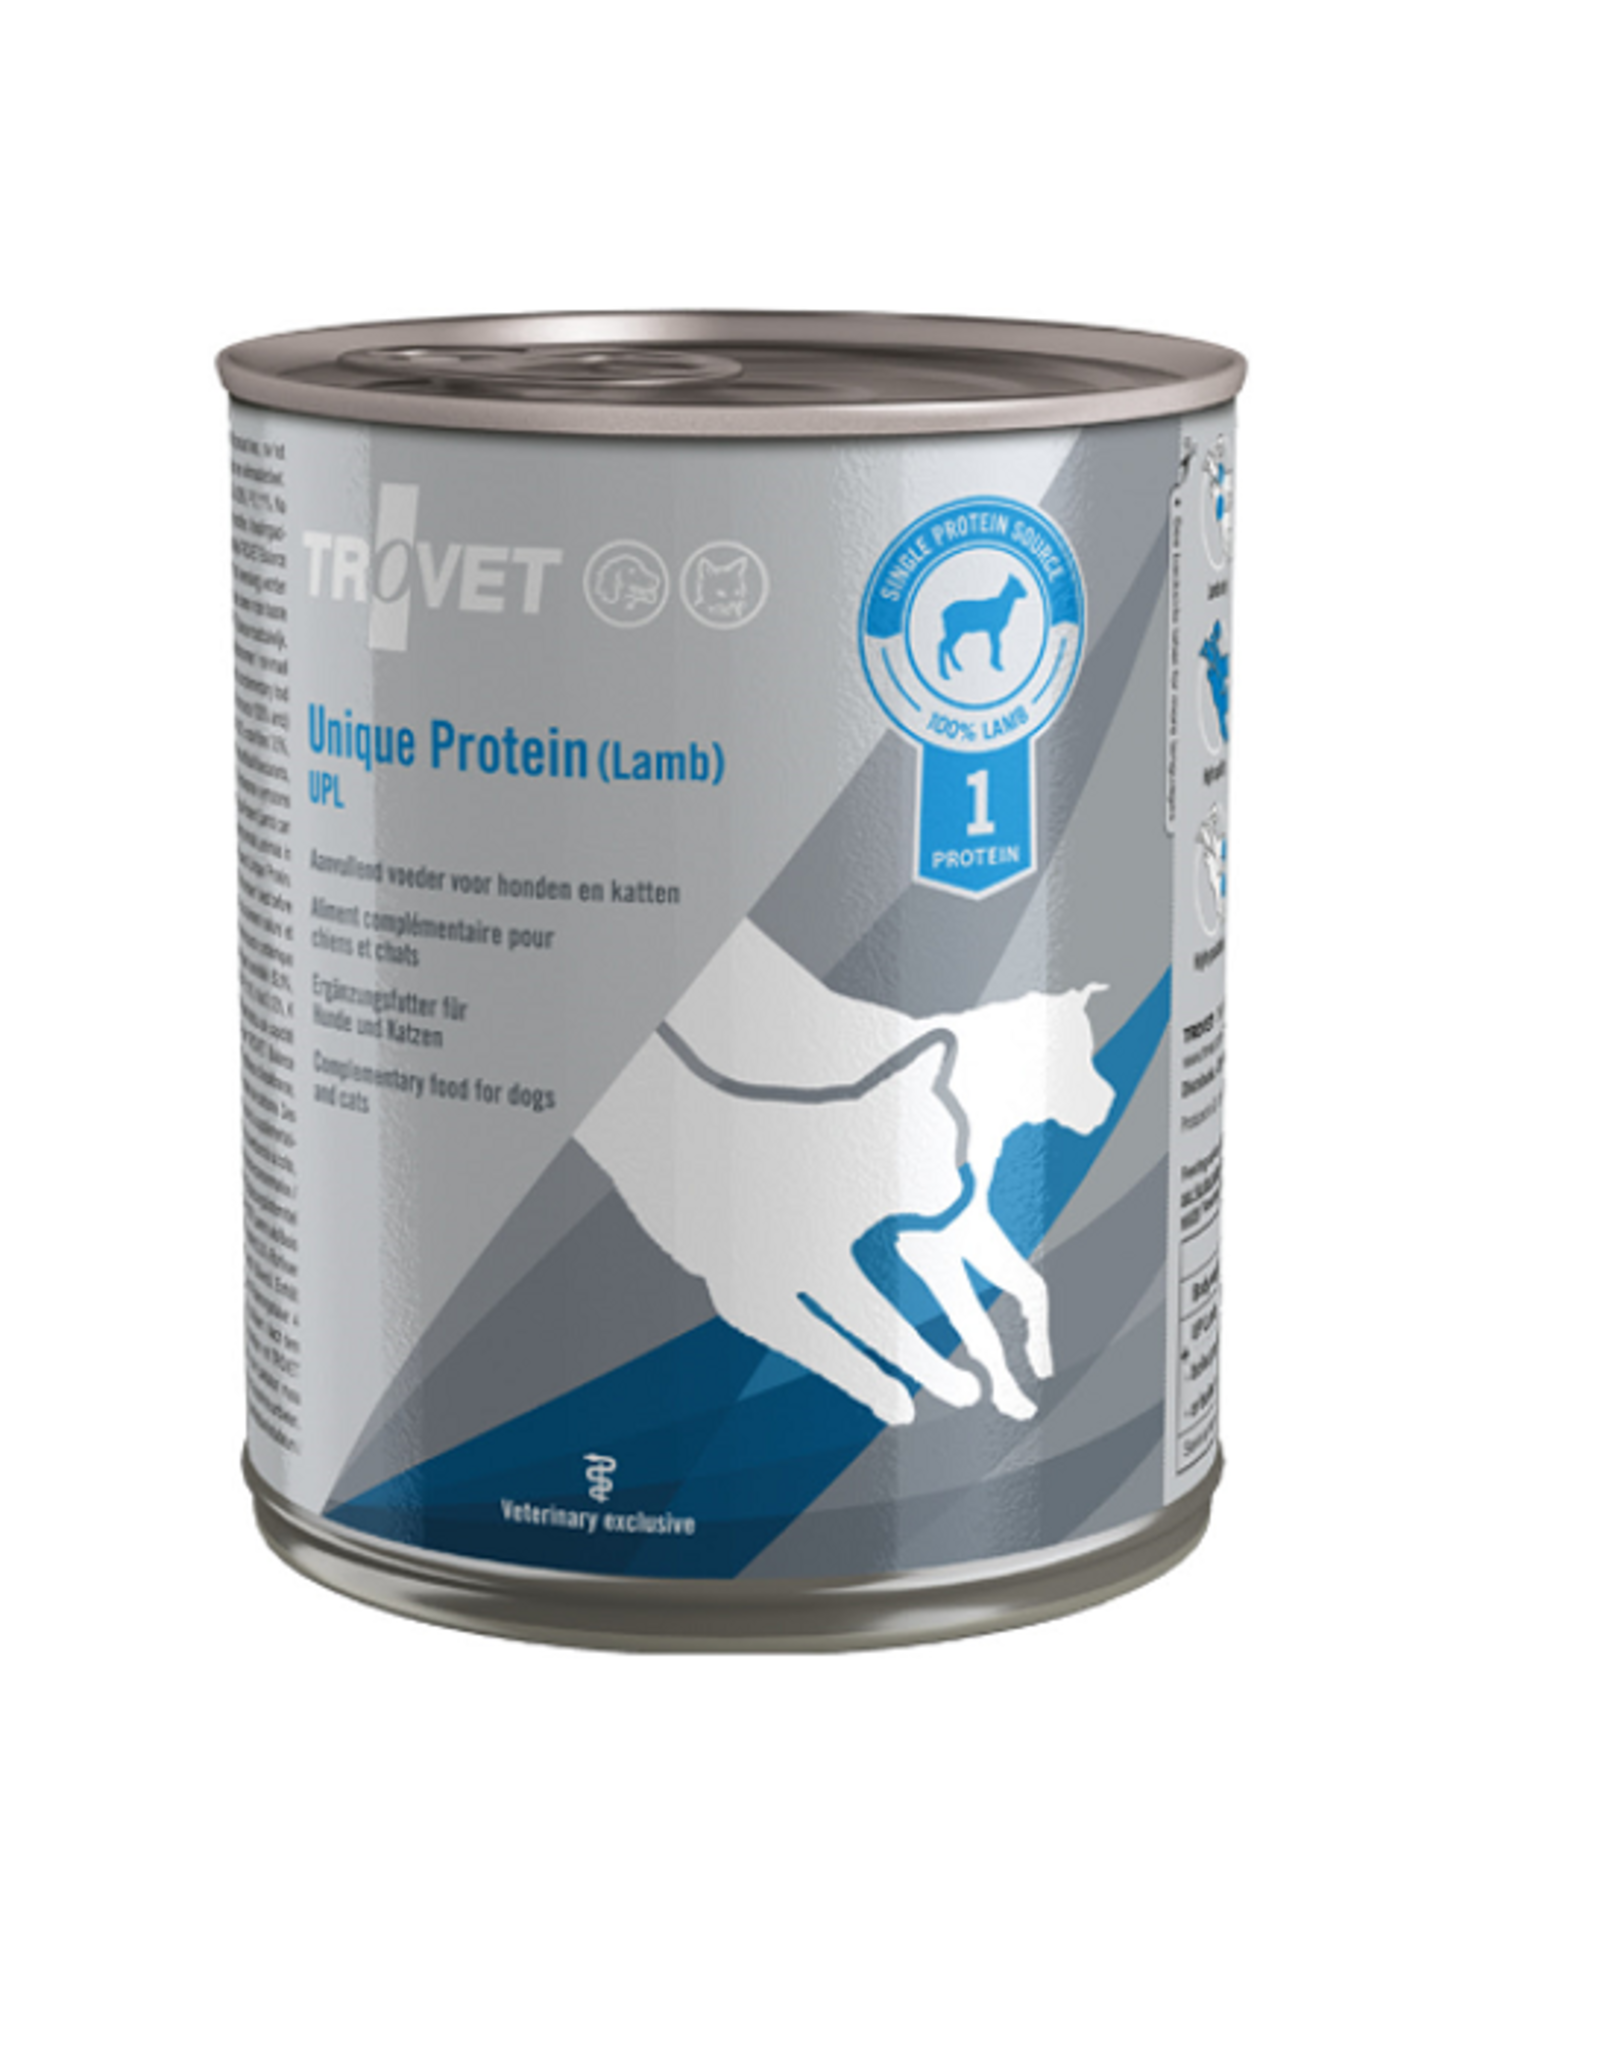 Trovet Trovet Upl Hond/kat Lamb 6x800g